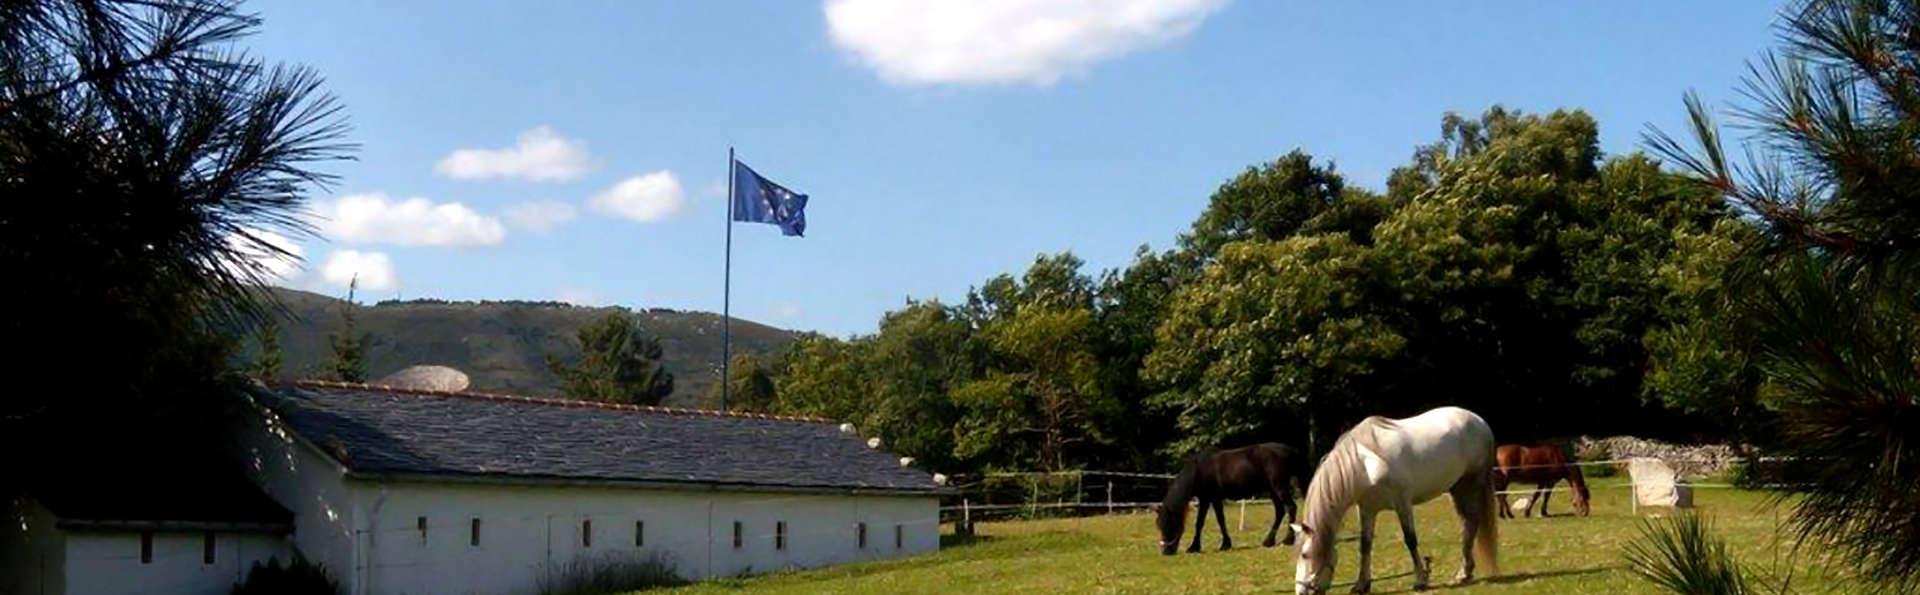 La Solana - Posada de Caballos - EDIT_HORSES.jpg